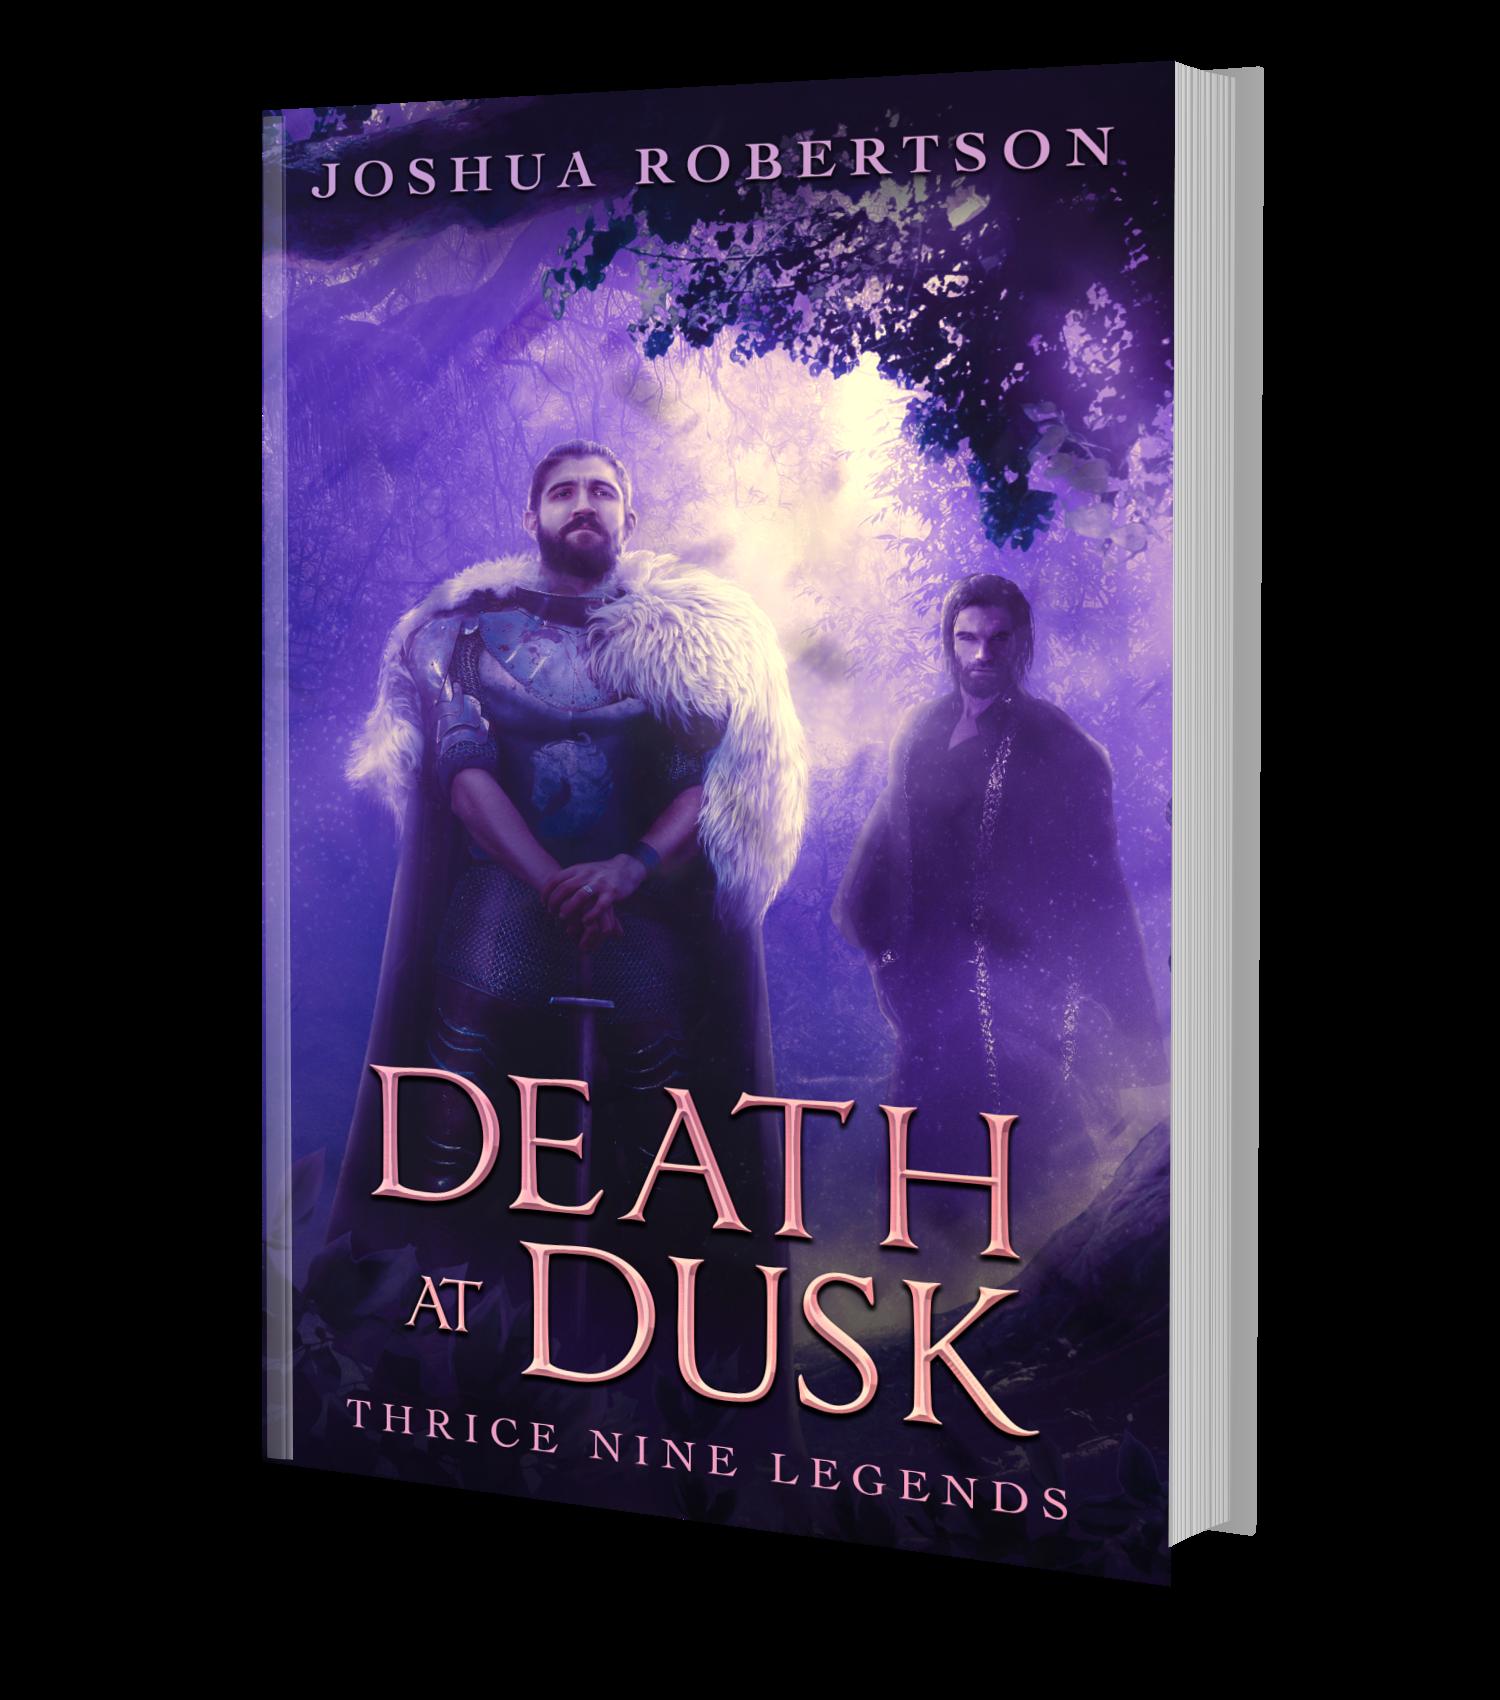 Death at Dusk 00014